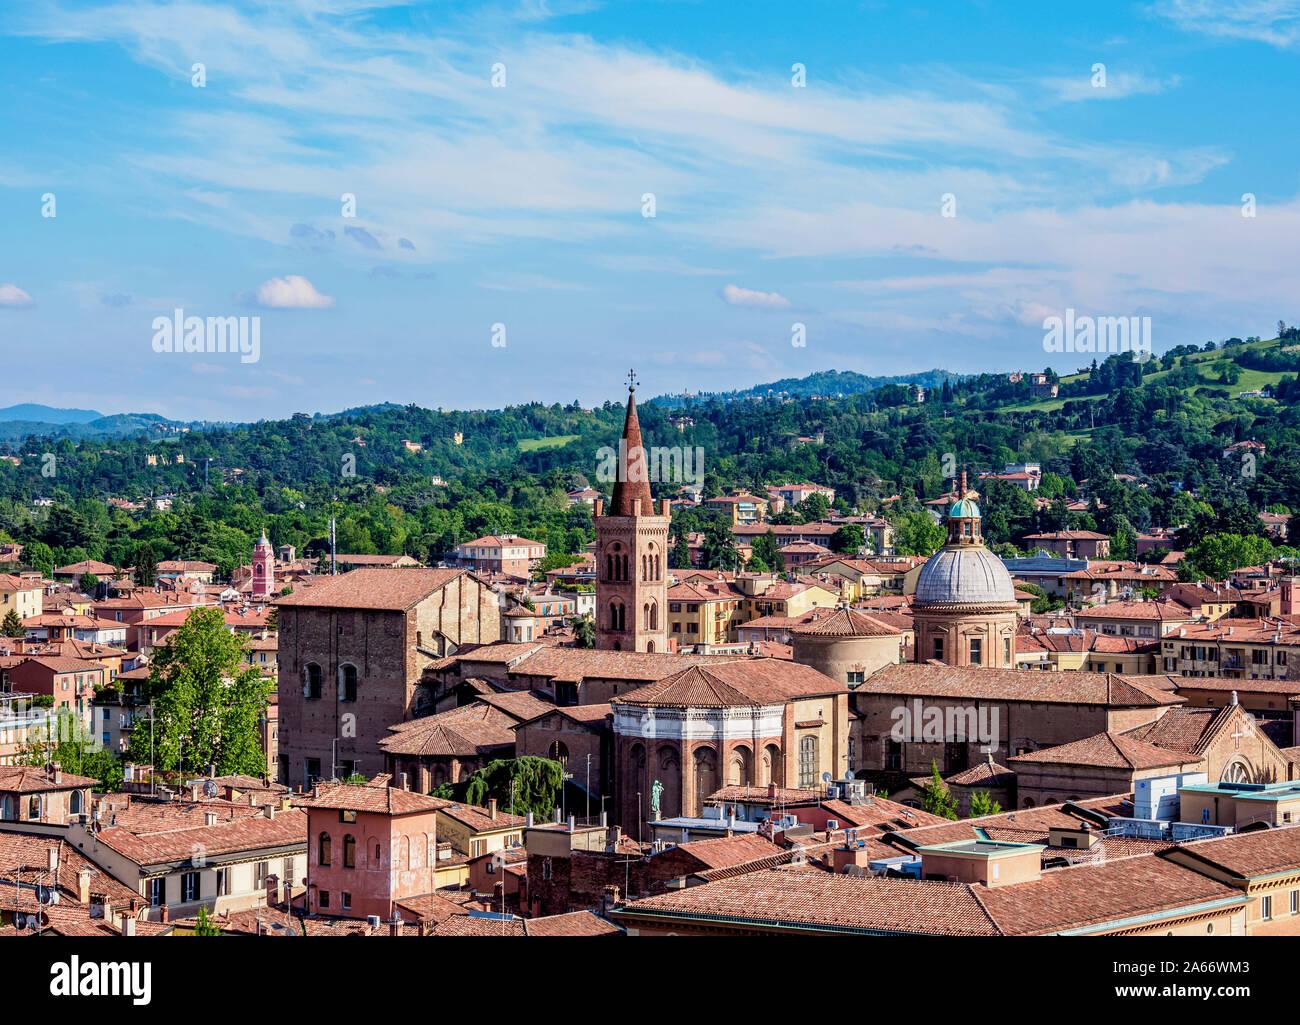 Vista hacia la Basílica de San Domenico, Bolonia, Emilia-Romaña, Italia Foto de stock